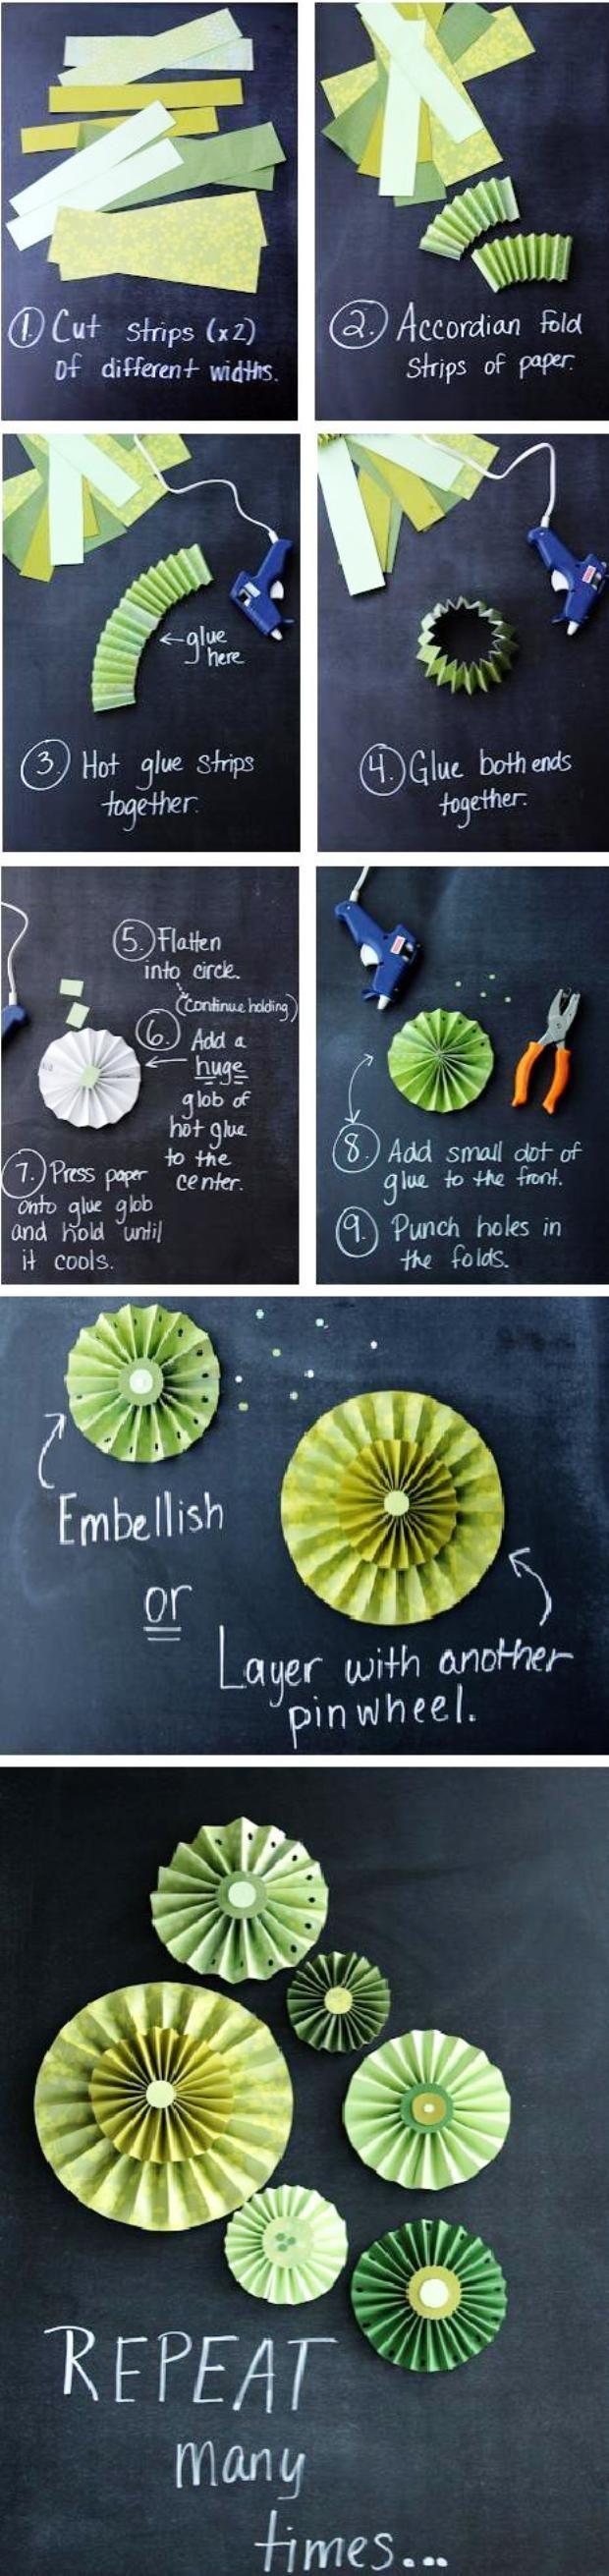 DIY: Paper Pinwheel